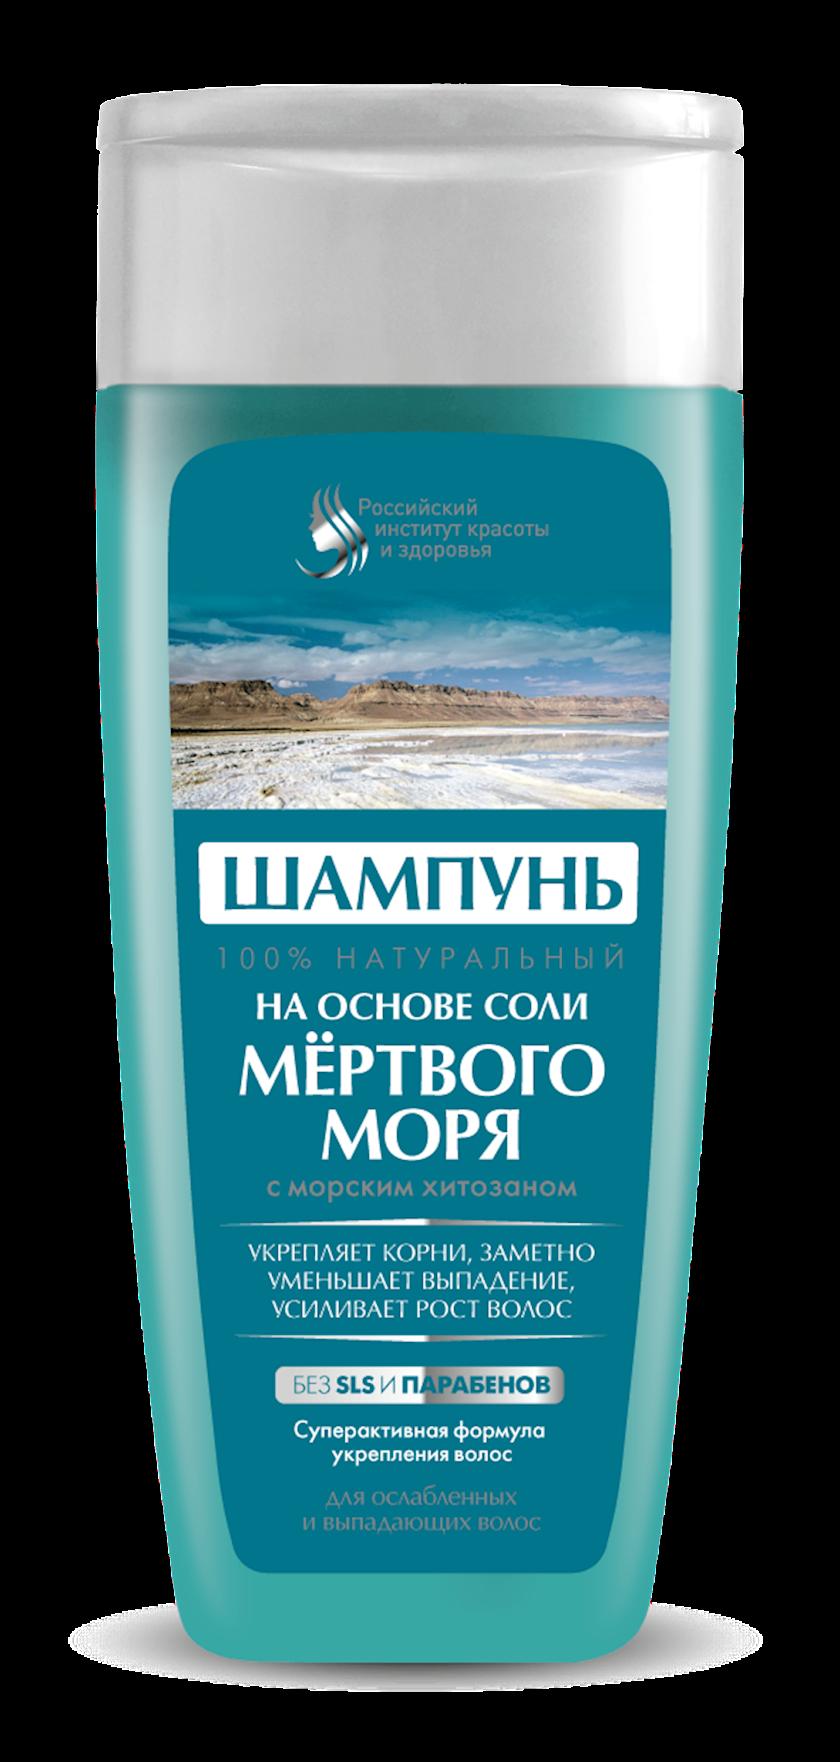 Şampun Фитокосметик Ölü dəniz duzu əsasında dəniz xitosan ilə  270 ml